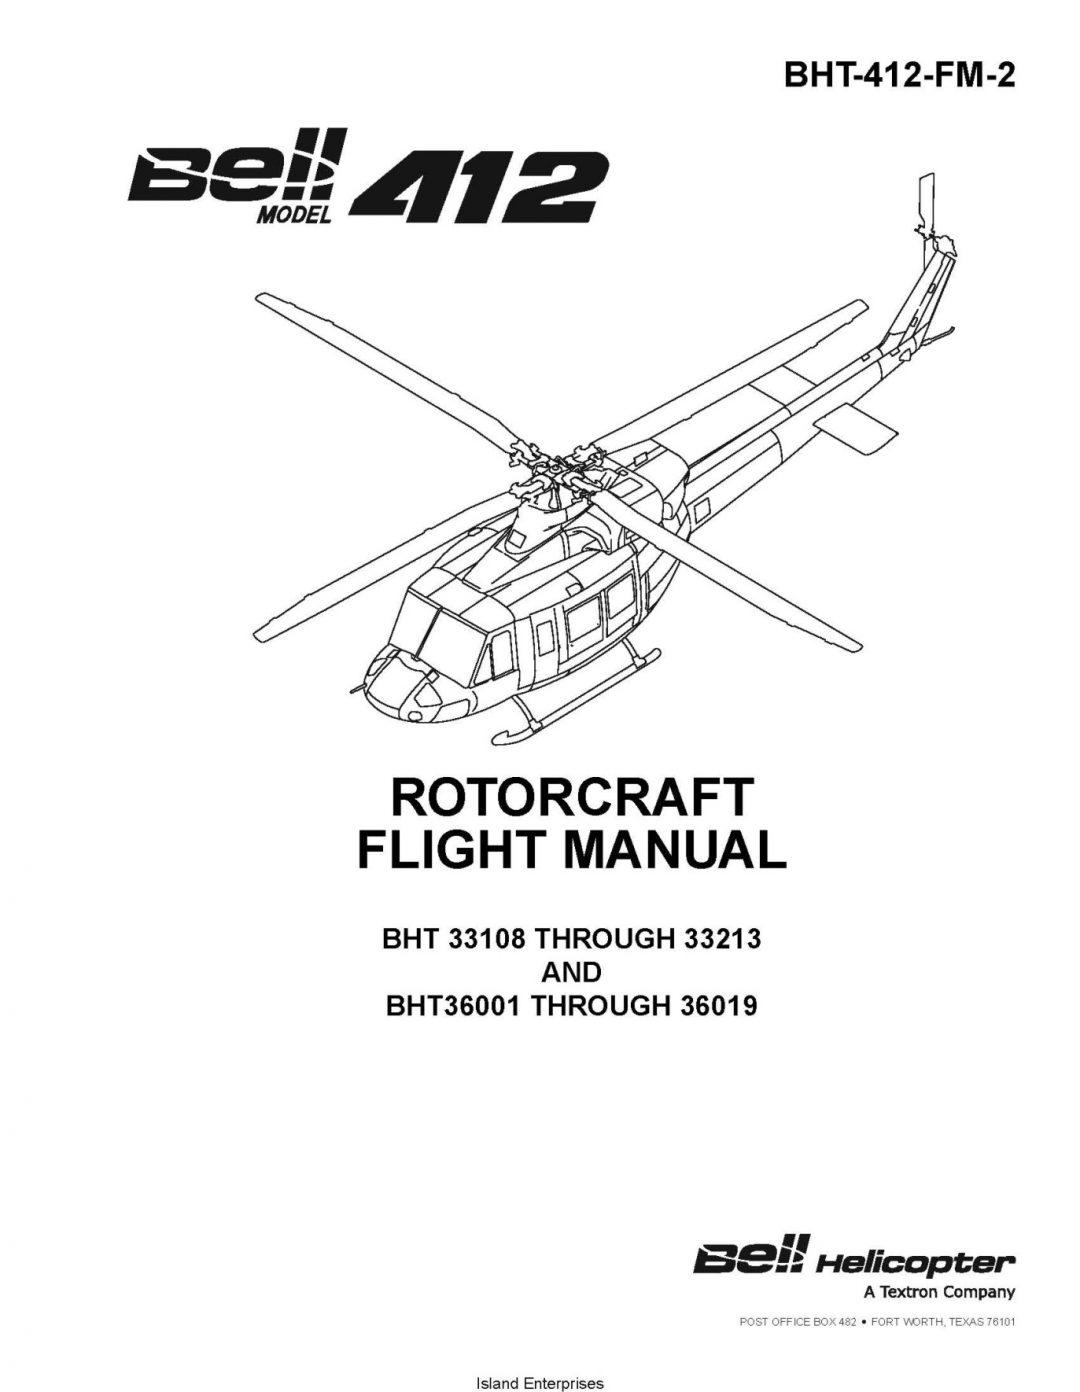 Bell Model 412 Rotorcraft Flight Manual BHT-412-FM-2